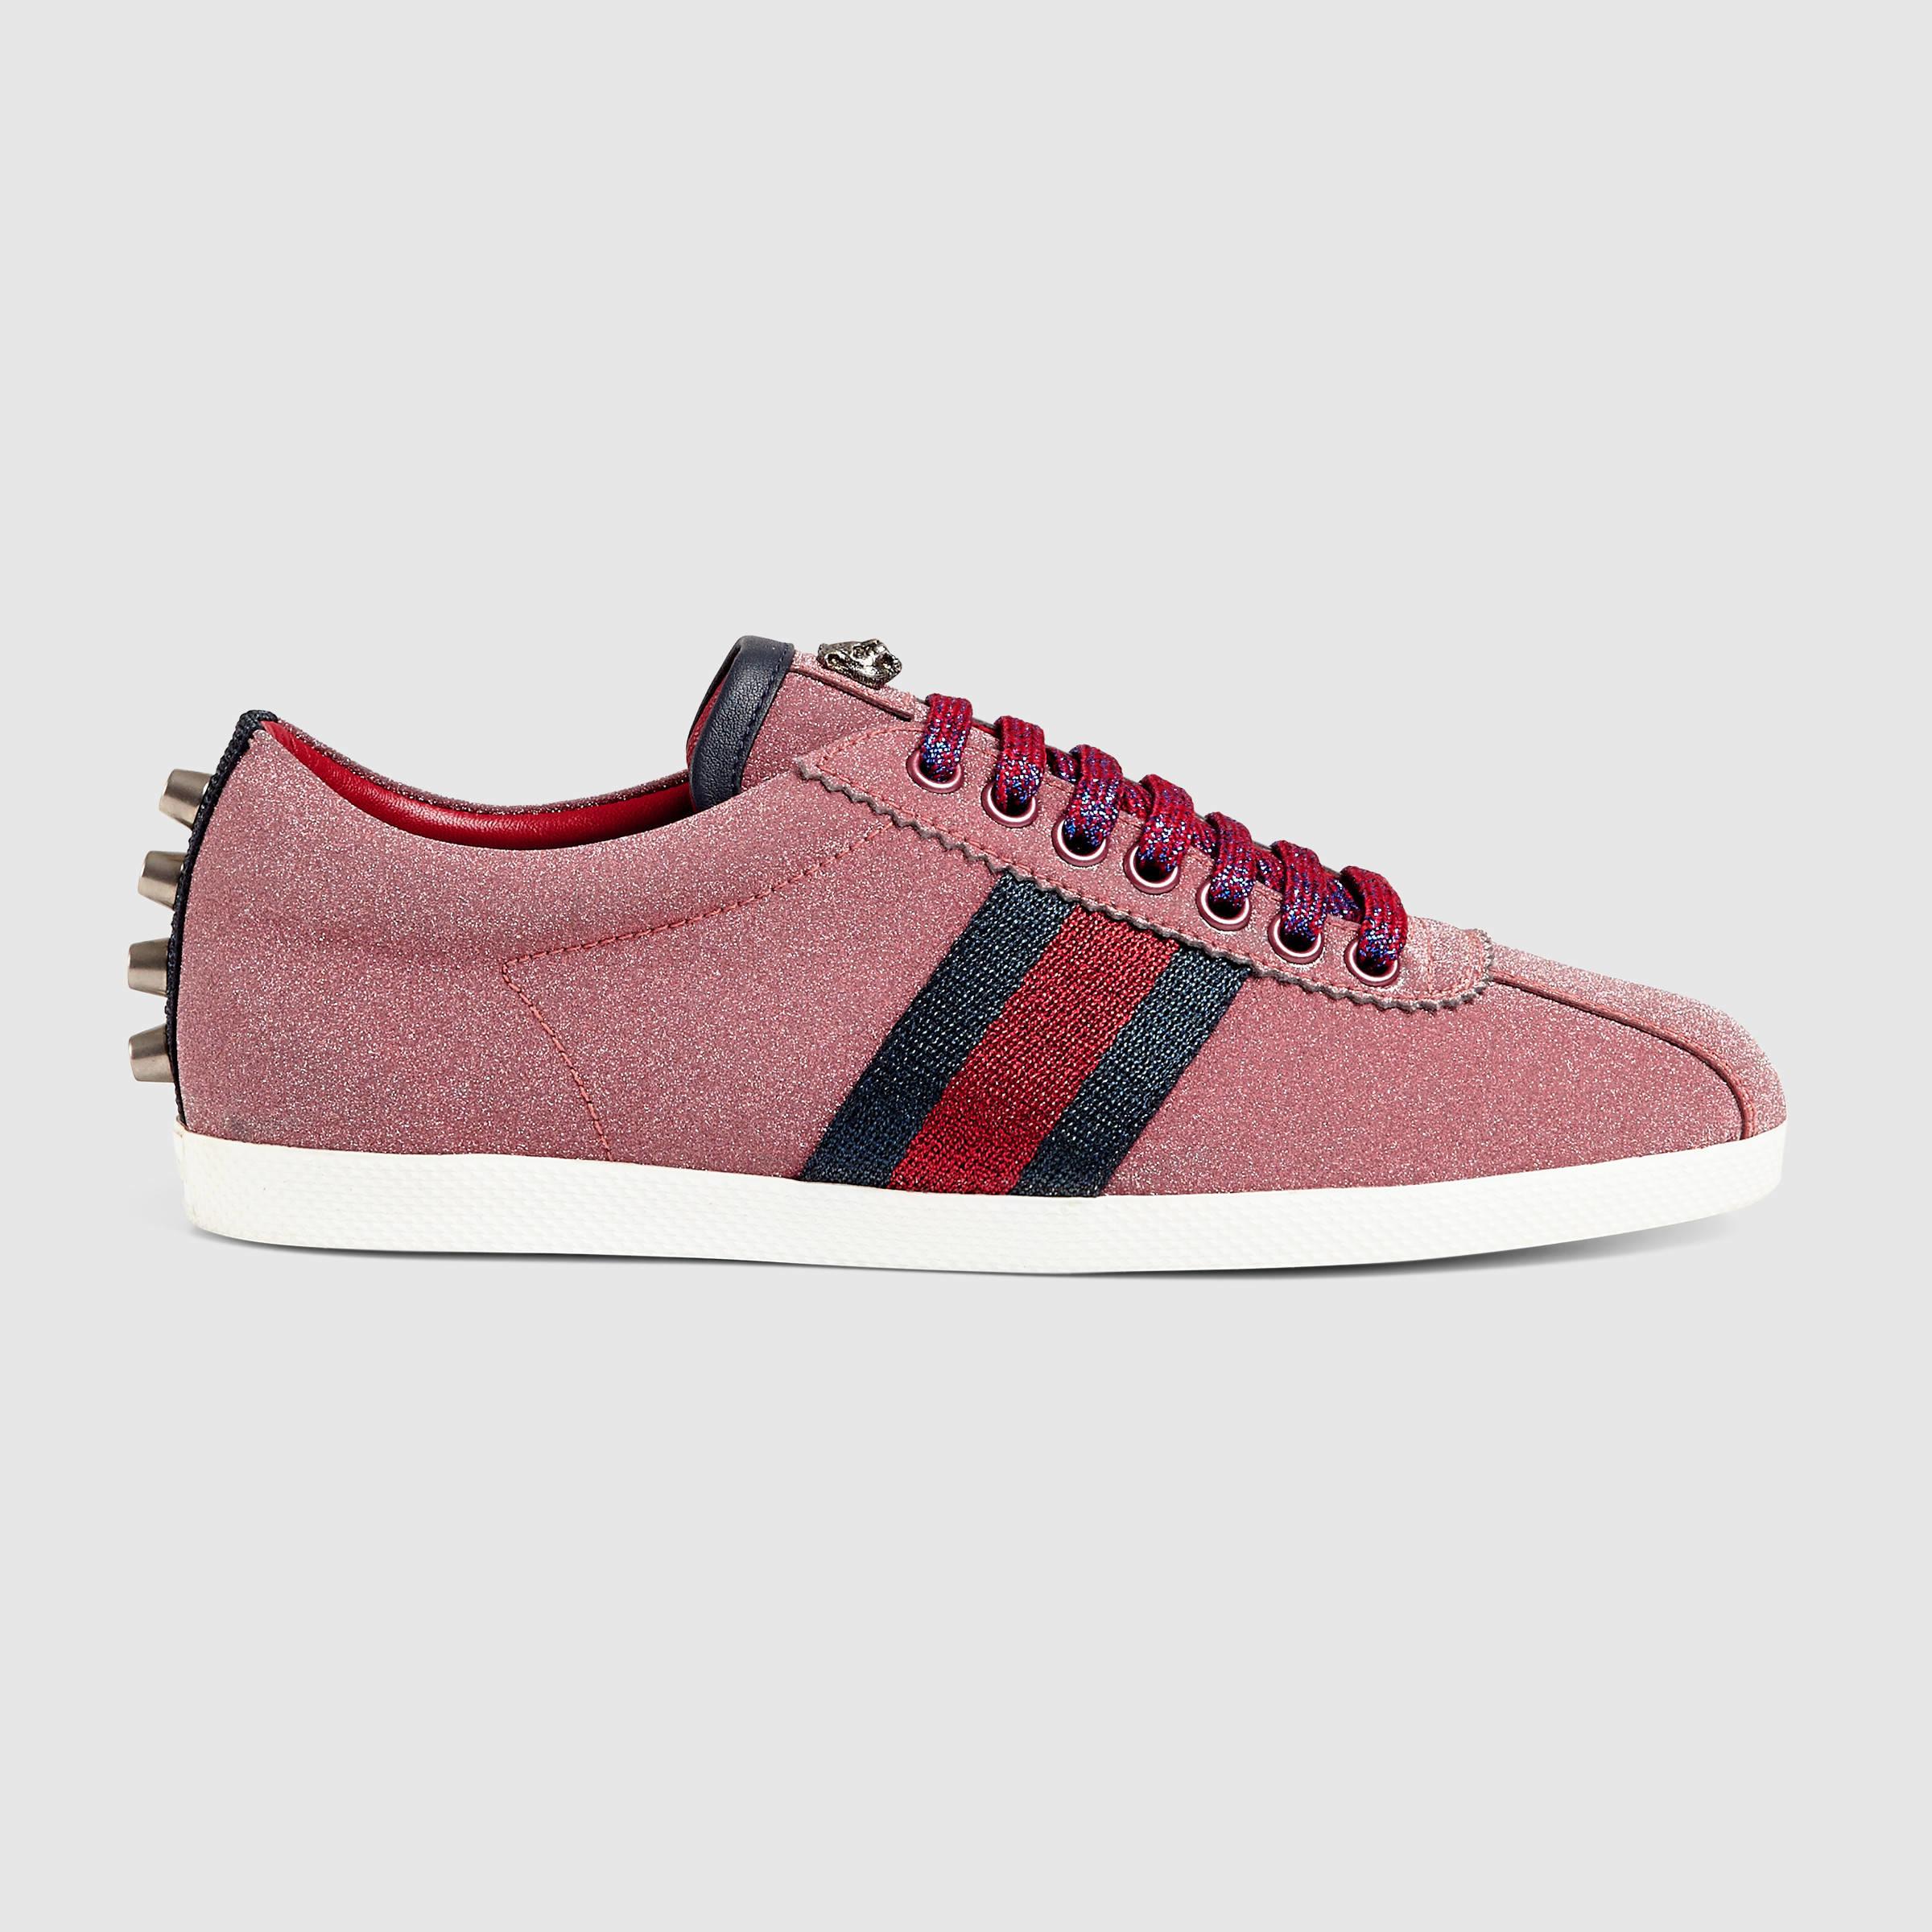 7c55666c24a1 Gucci Glitter Web Sneaker in Red - Lyst